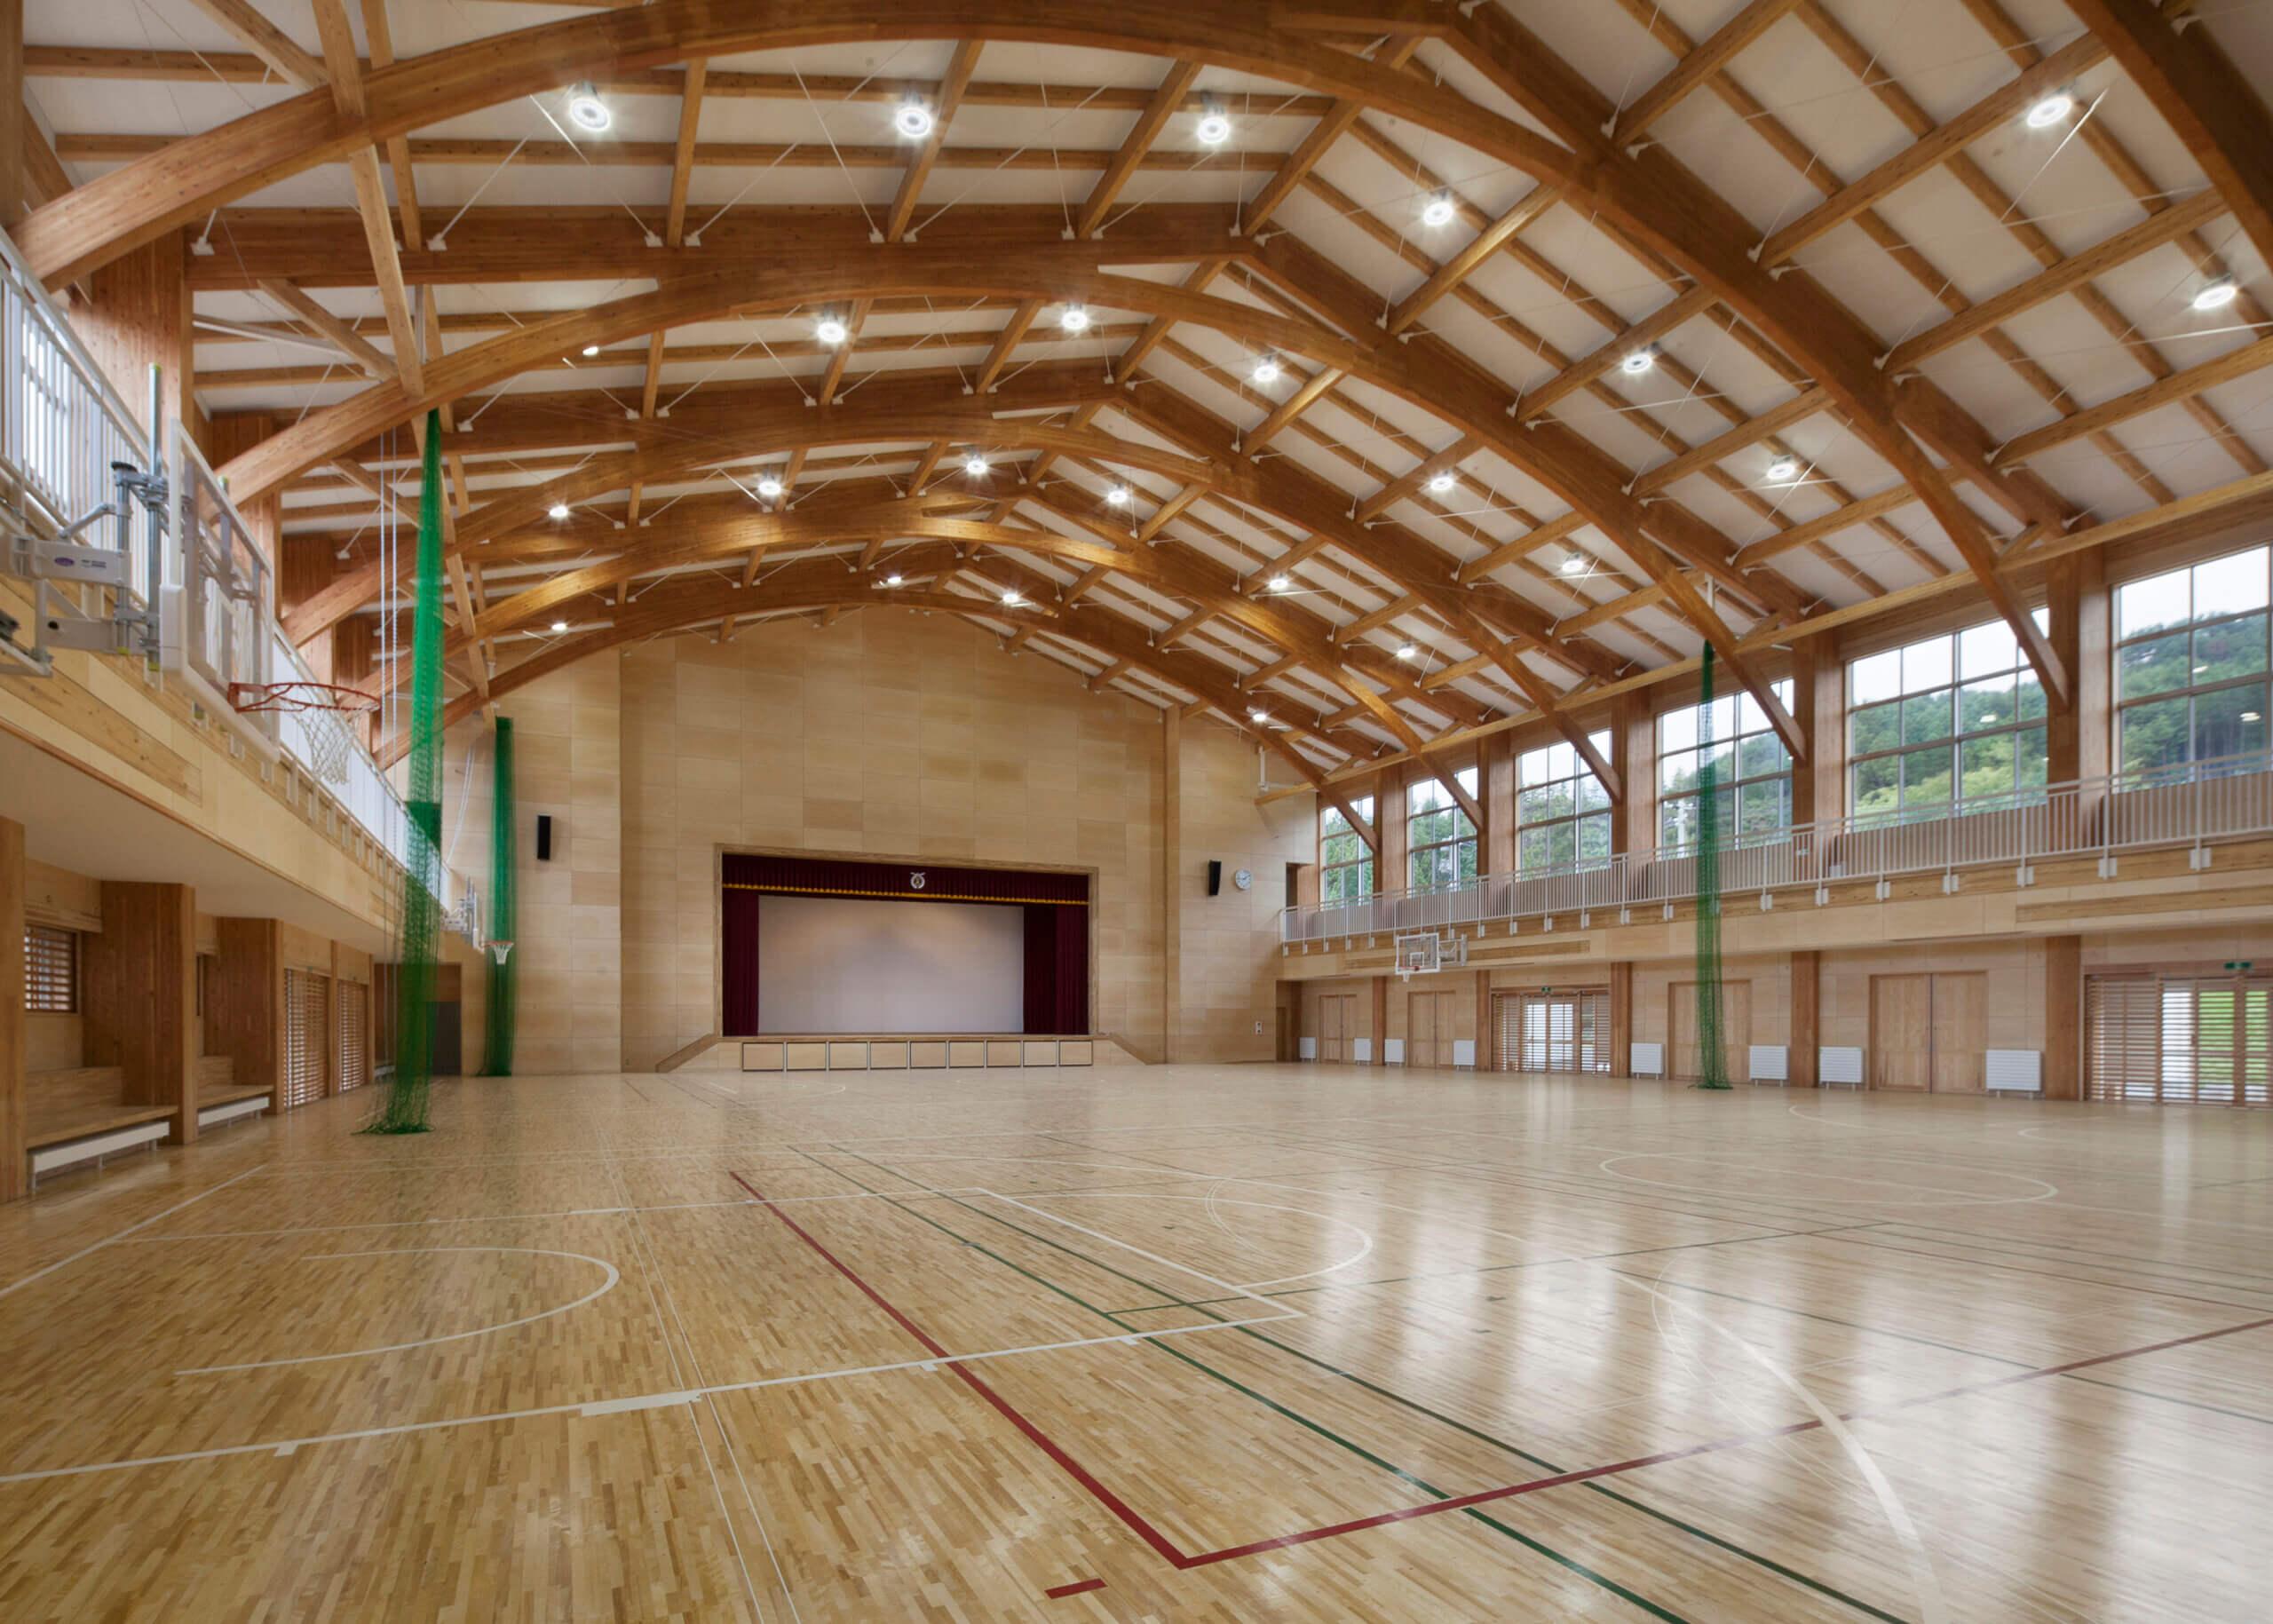 木造建築の施工事例:大槌町立大槌学園小中一貫教育校(屋内運動場棟) 2枚目